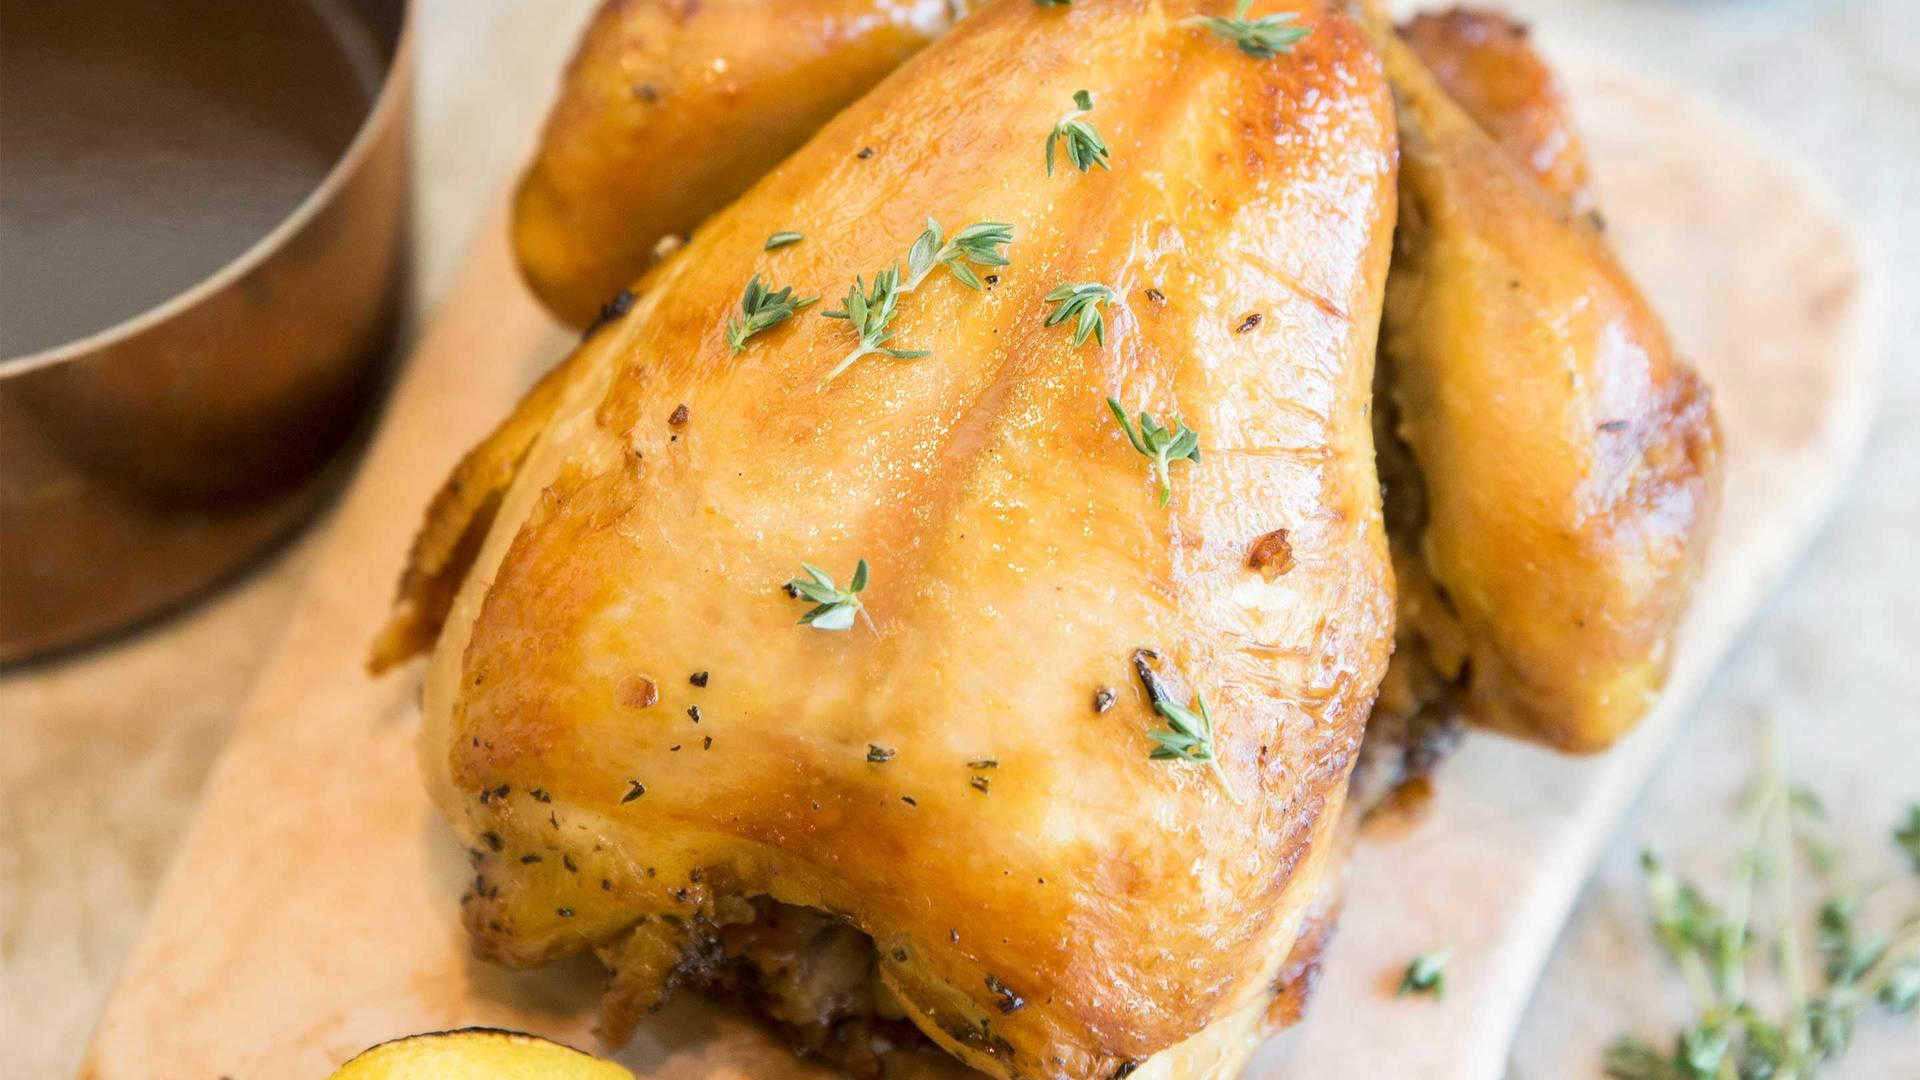 16-9_Gallery Madinat Jumeirah Jumeirah Mina A Salam Hanaaya Grilled Chicken